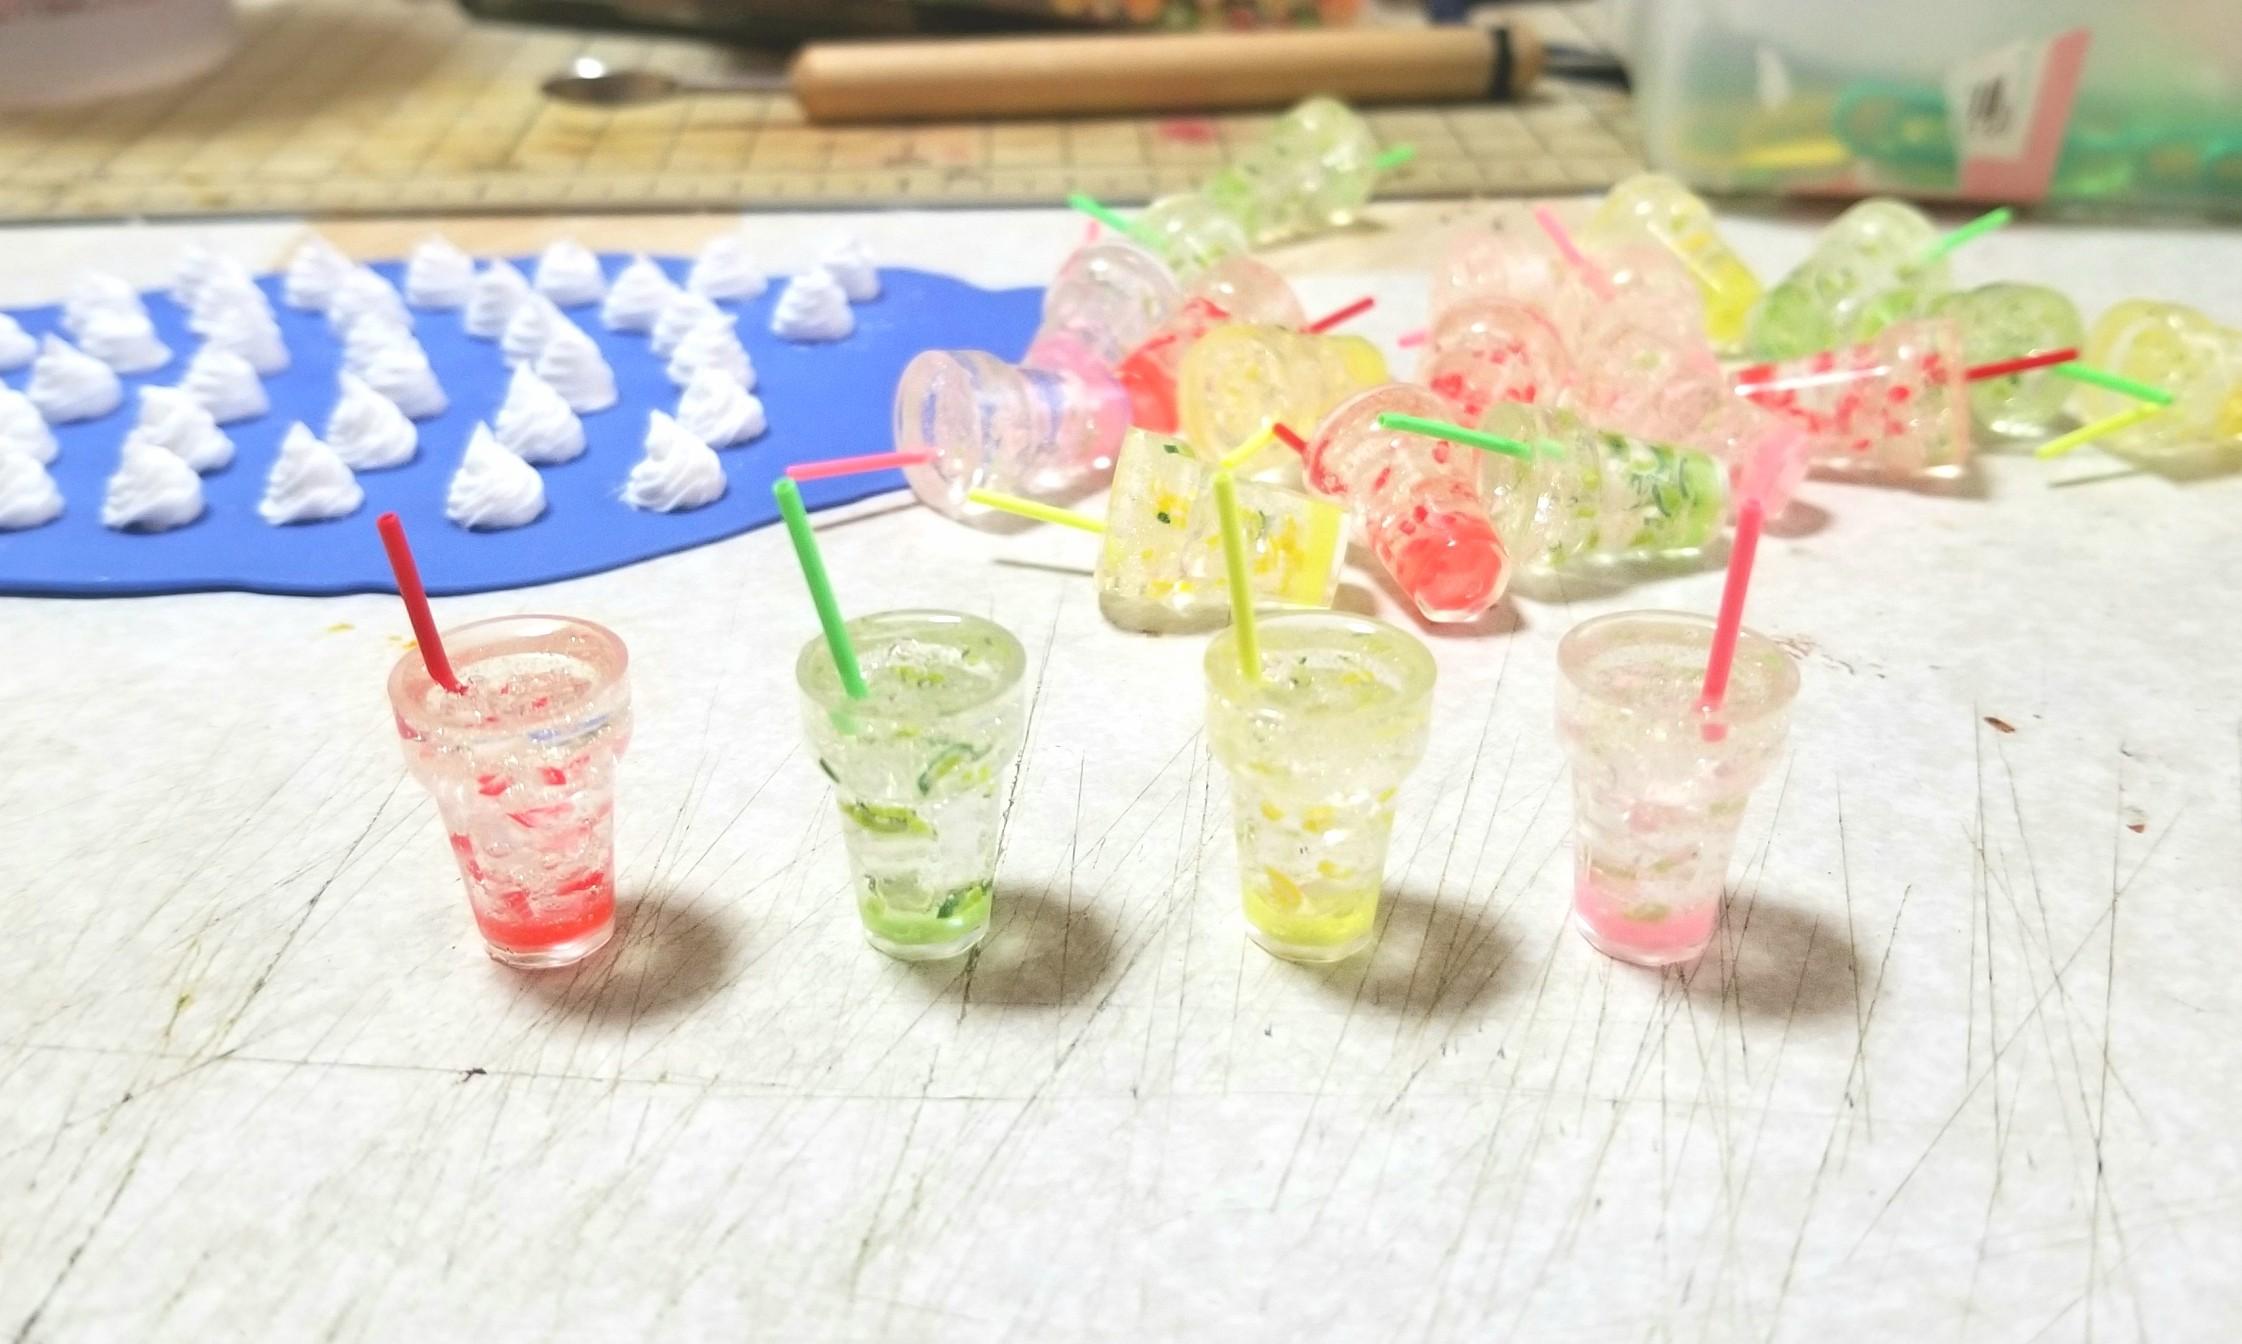 フルーツソーダ,UVレジン,ジュース,ミニチュアフード,フェイクフード